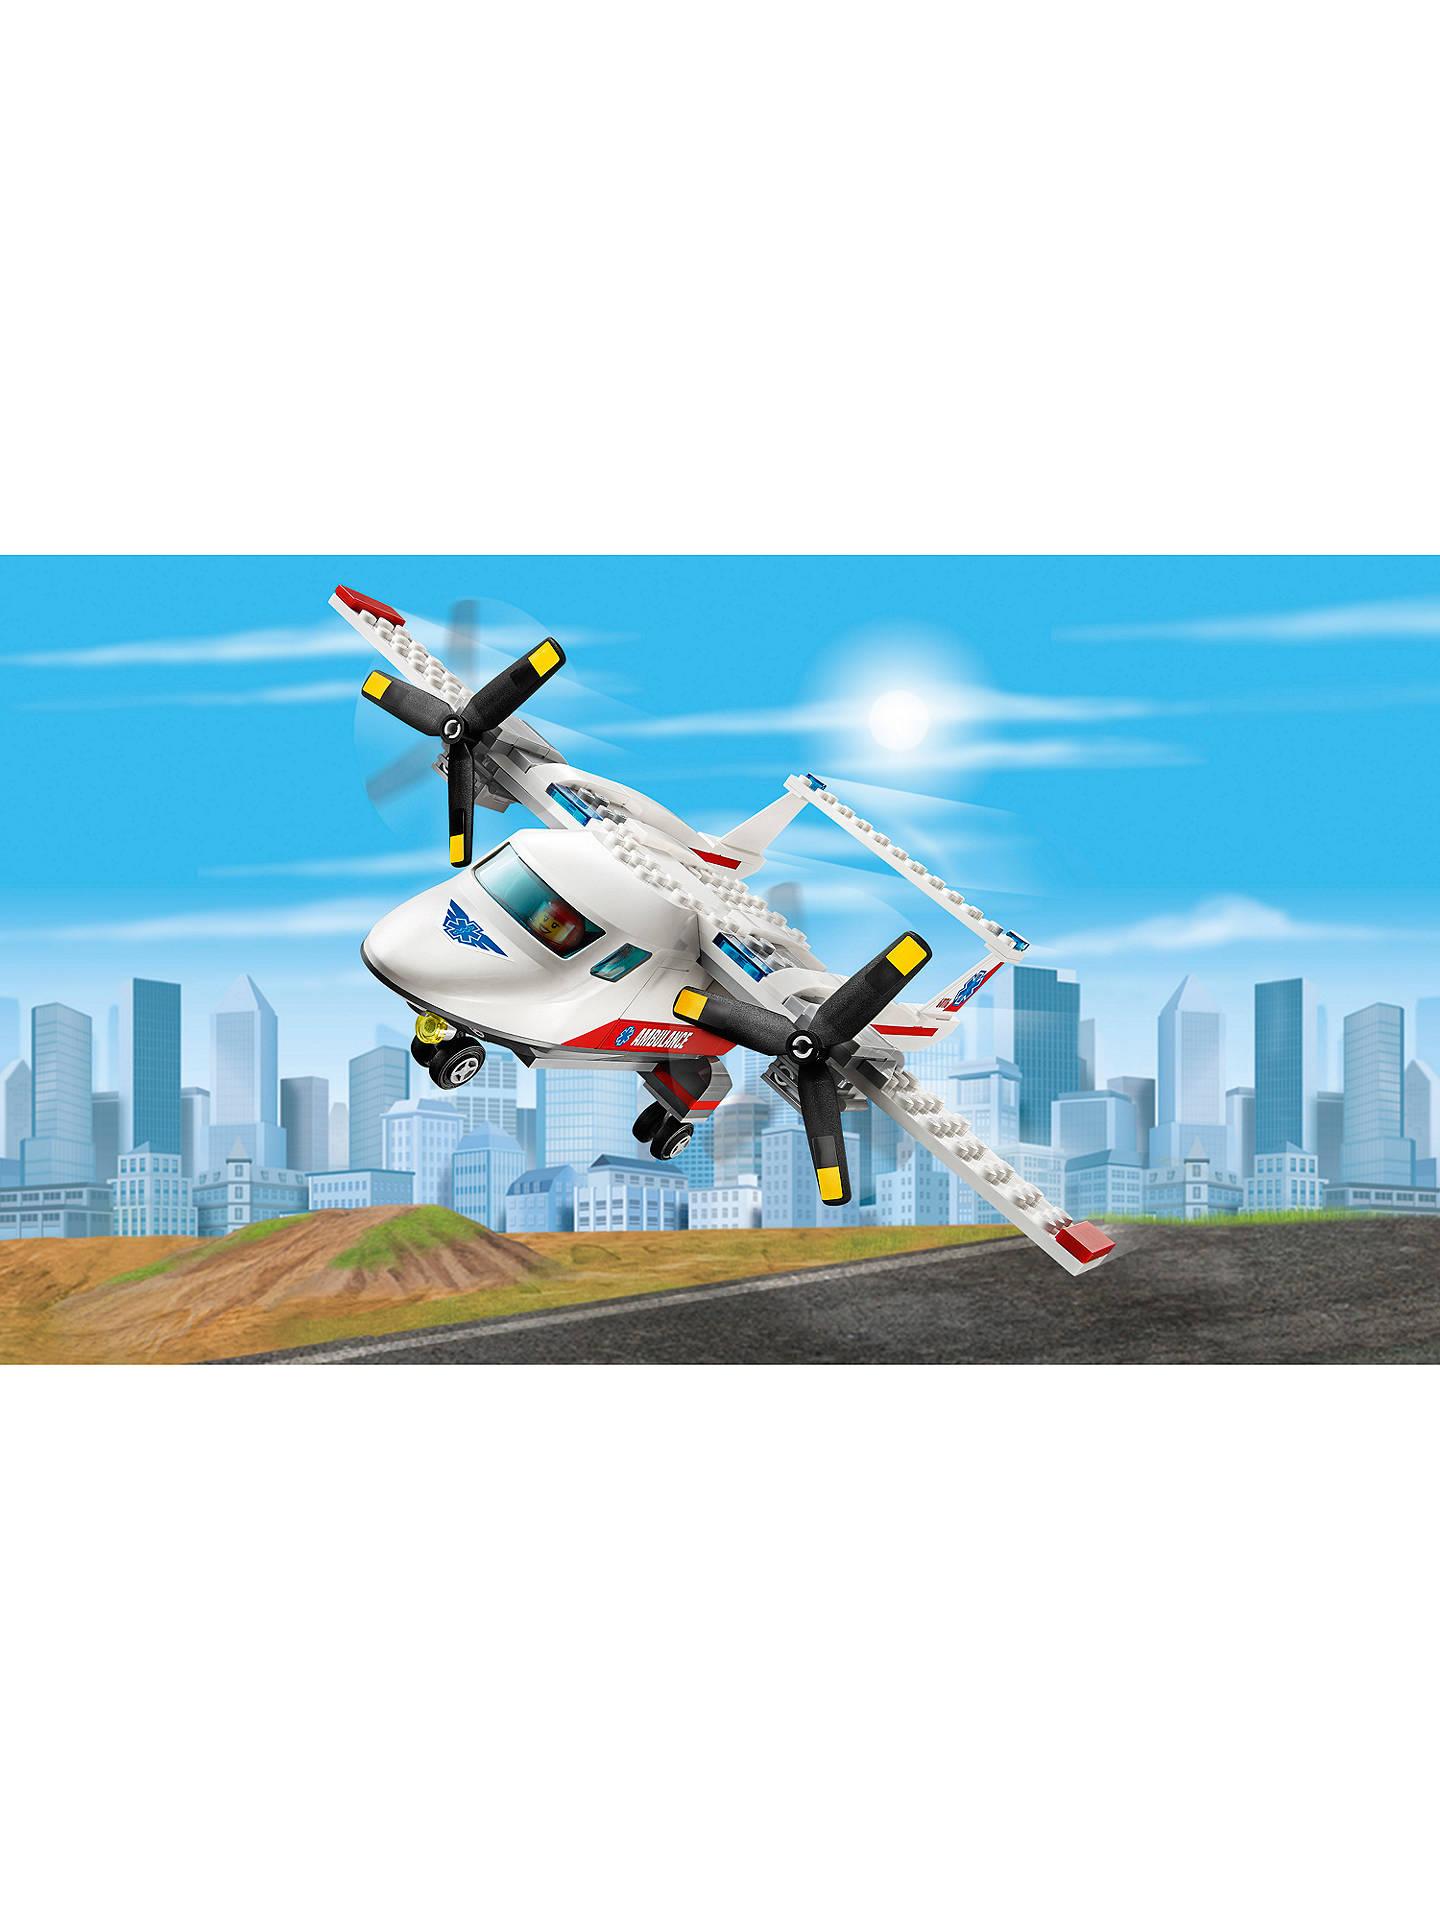 LEGO City 60116 Ambulance Plane at John Lewis & Partners